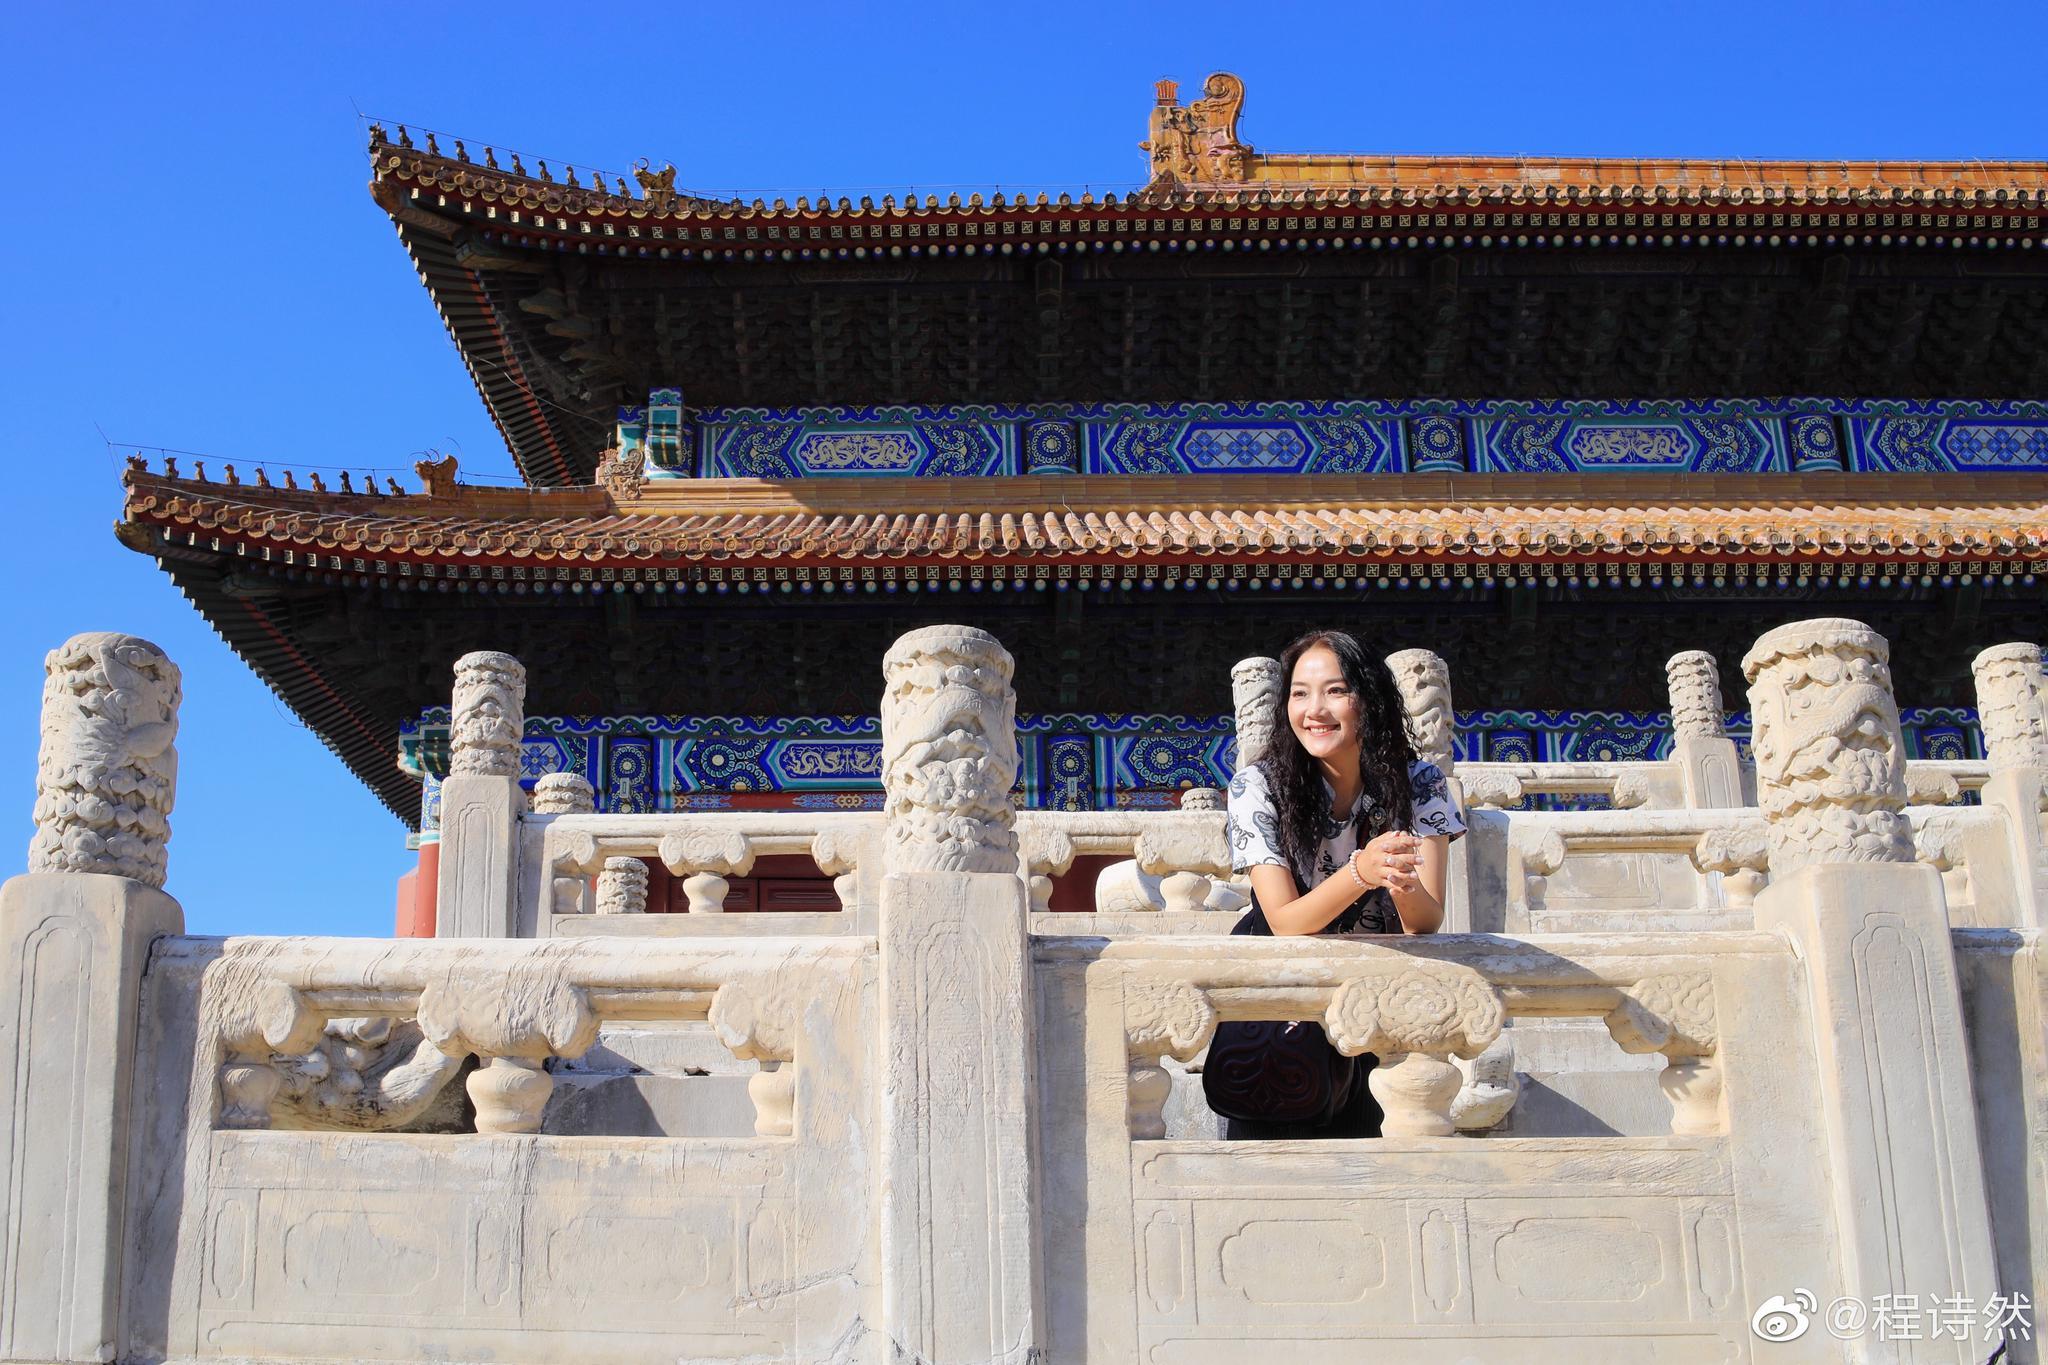 北京,太庙。 一转眼入秋,十月的天空灰蒙蒙的暗沉